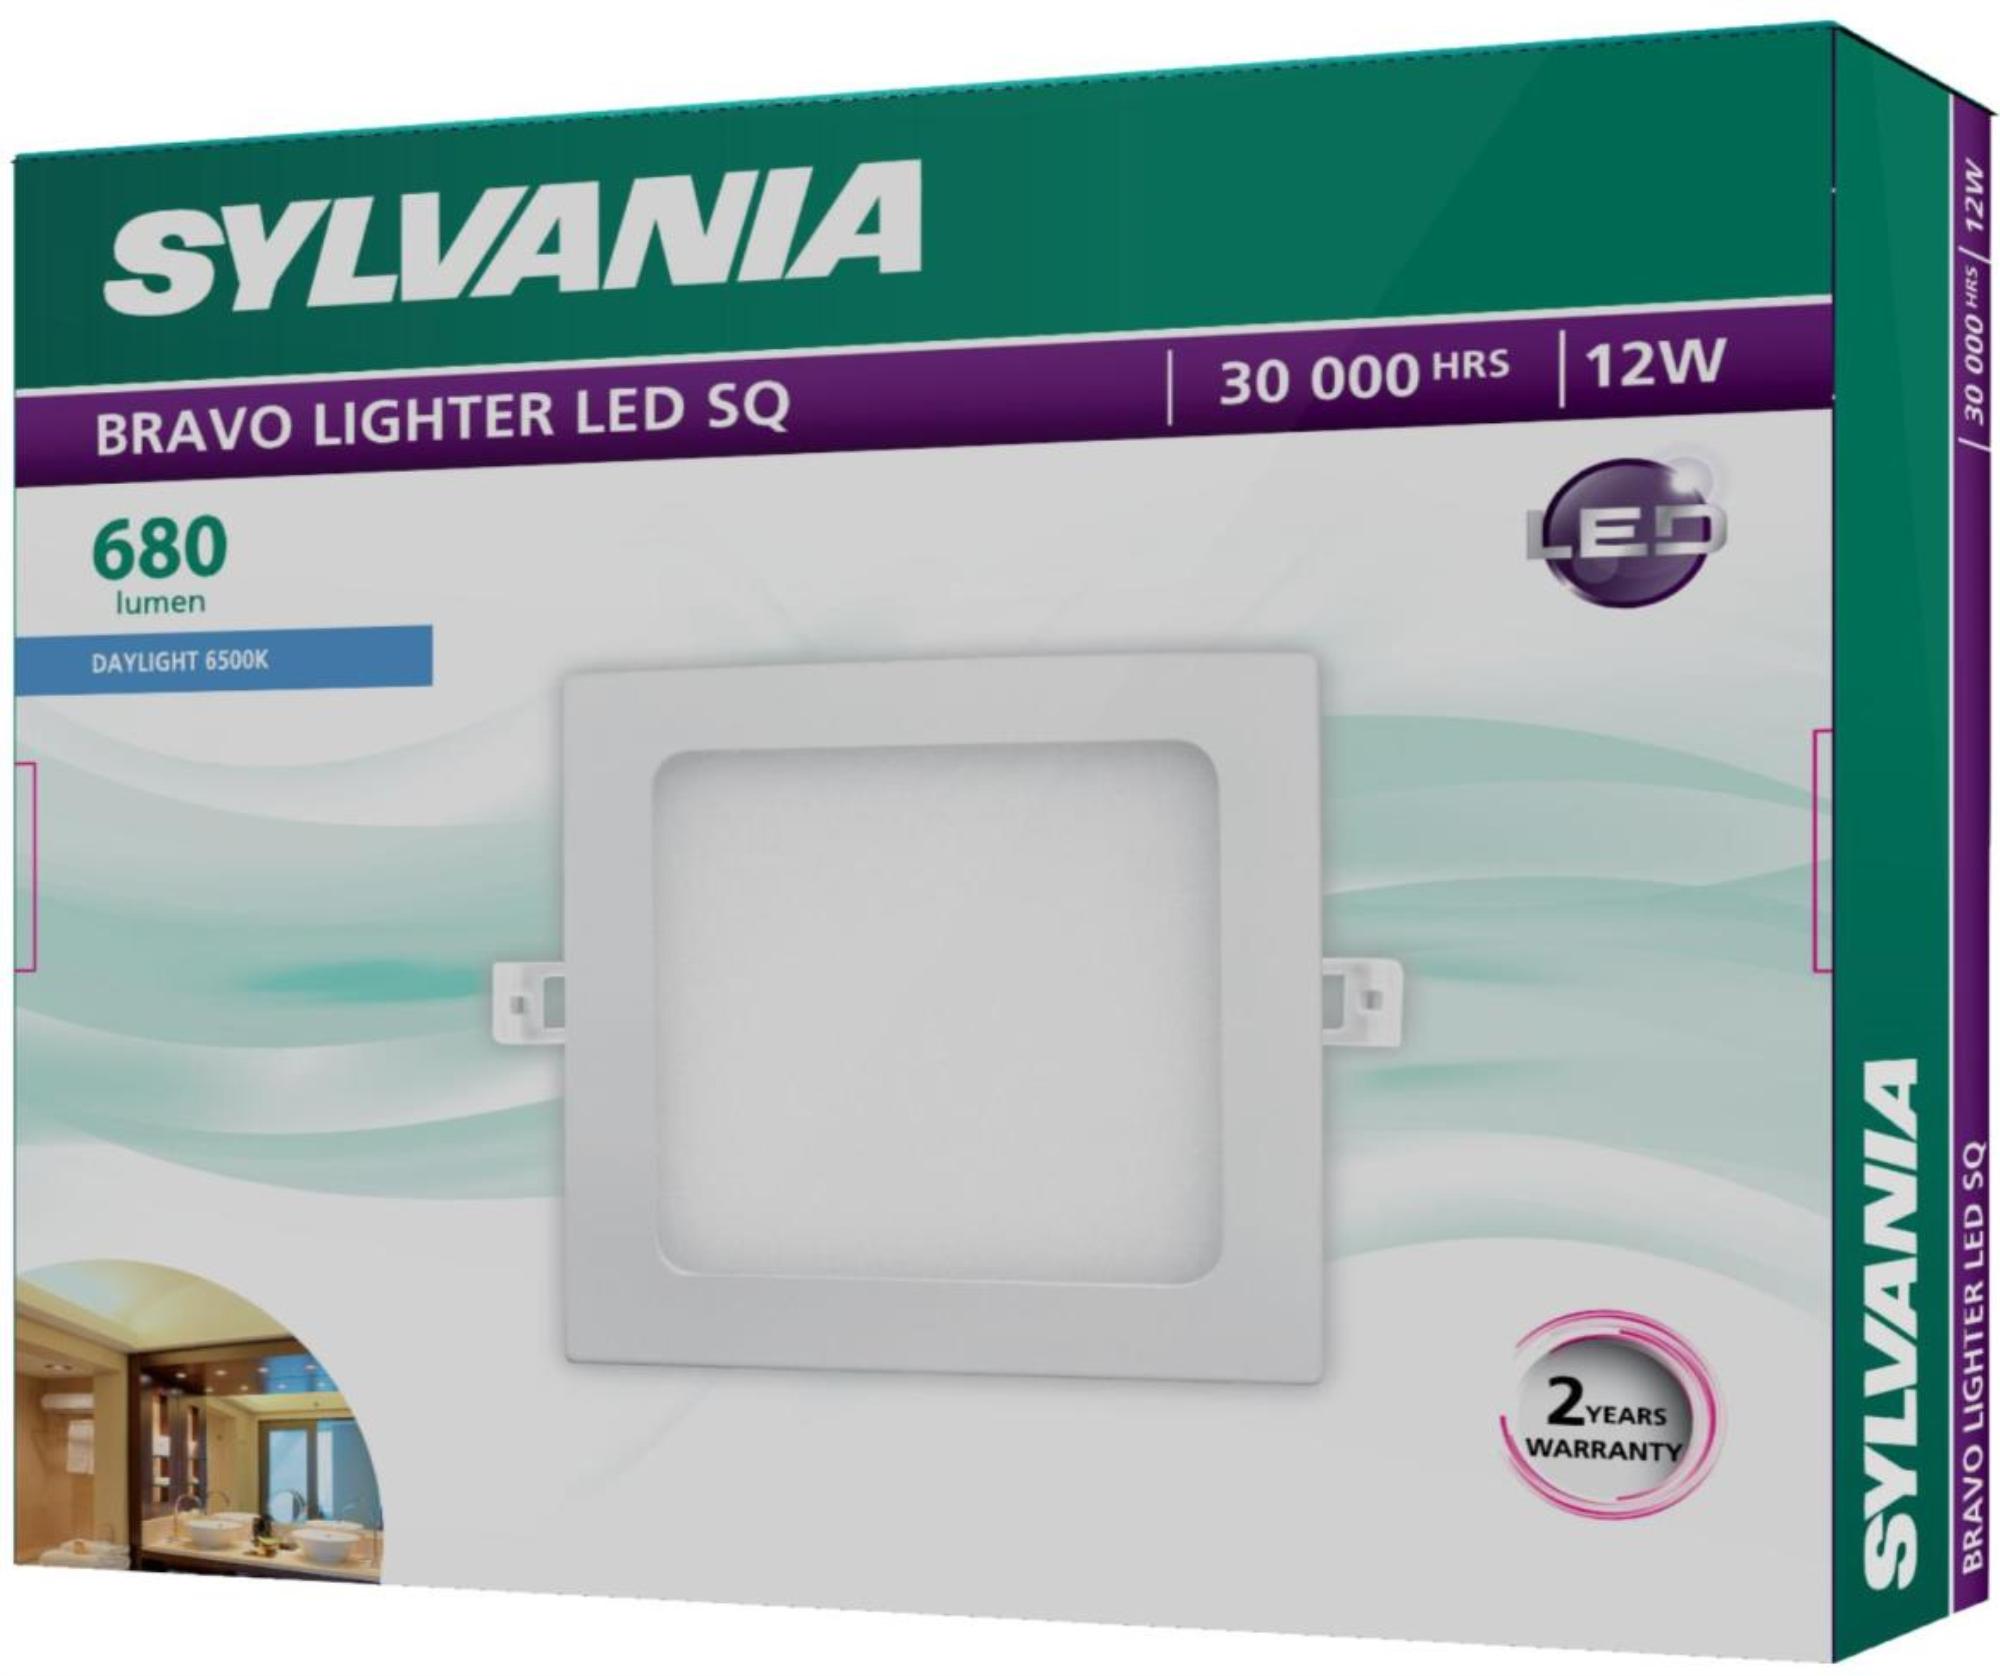 Downlight  BRAVO LIGHTER LED SQ  _12 W (Daylight)